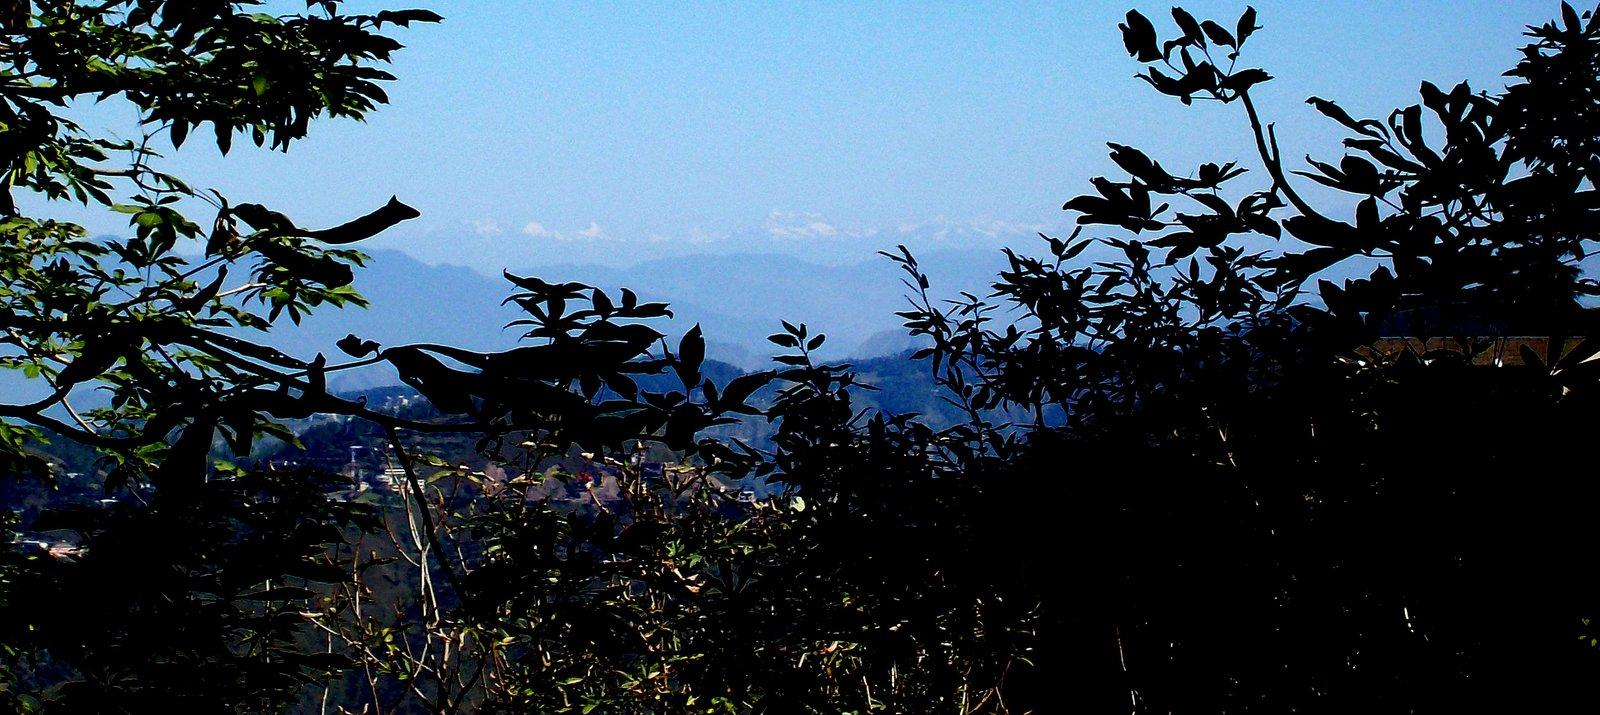 Ausblick von Shimla auf den Himalaya